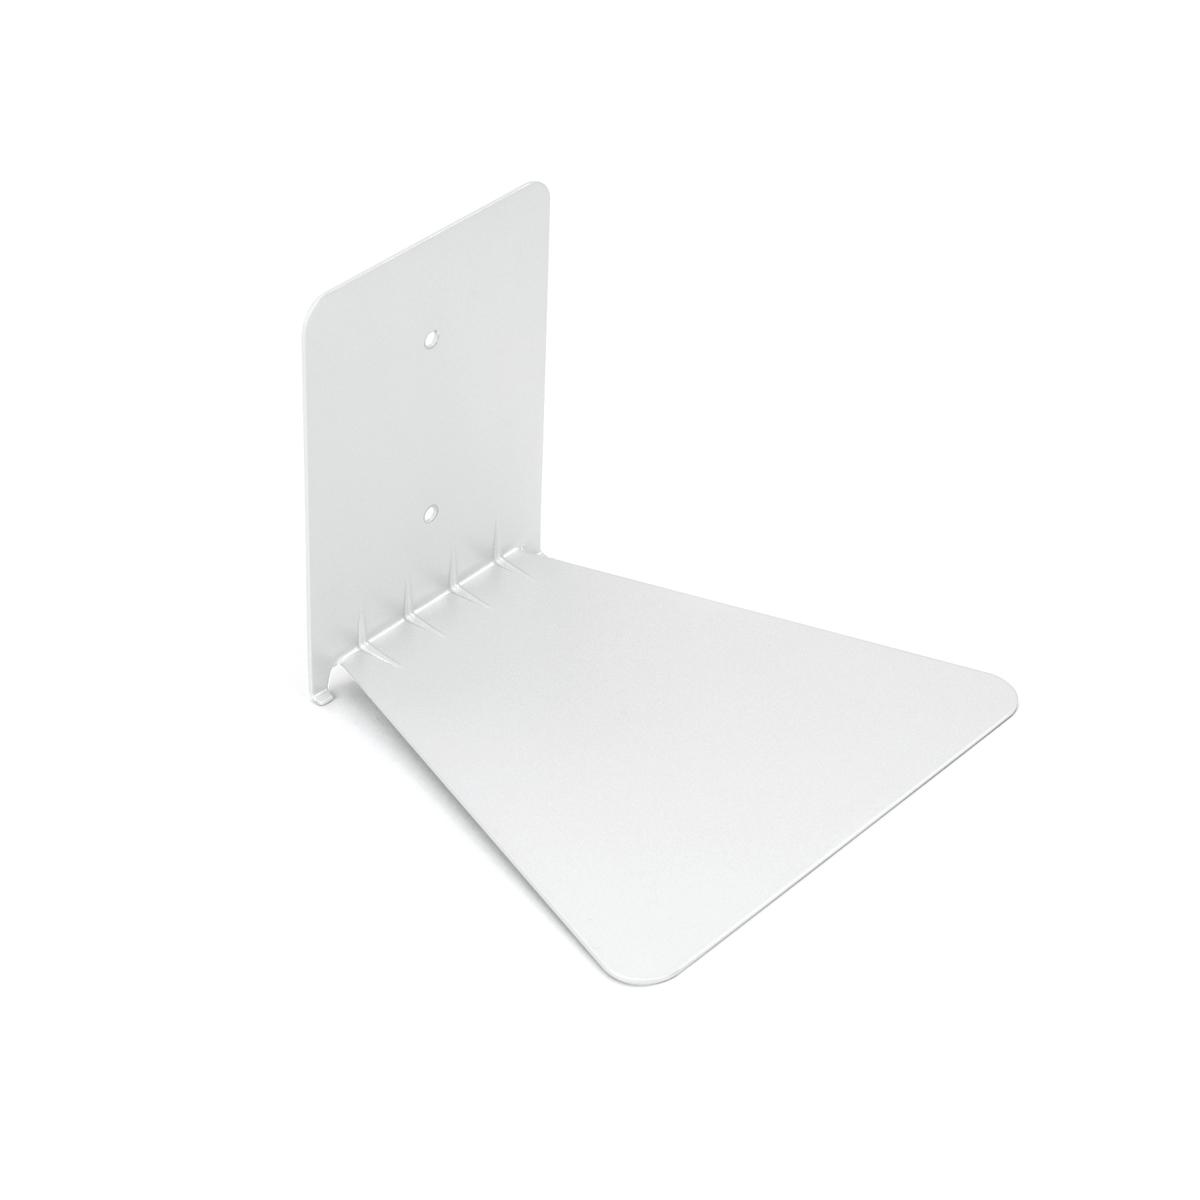 Полка книжная Umbra Conceal, цвет: белый, большая1004250-048Оригинальная книжная полка Umbra Conceal выполнена из стали. Полка легко крепится к стене, все необходимые детали входят в комплект. Размеры: 14 x 17,8 x 16,5 см